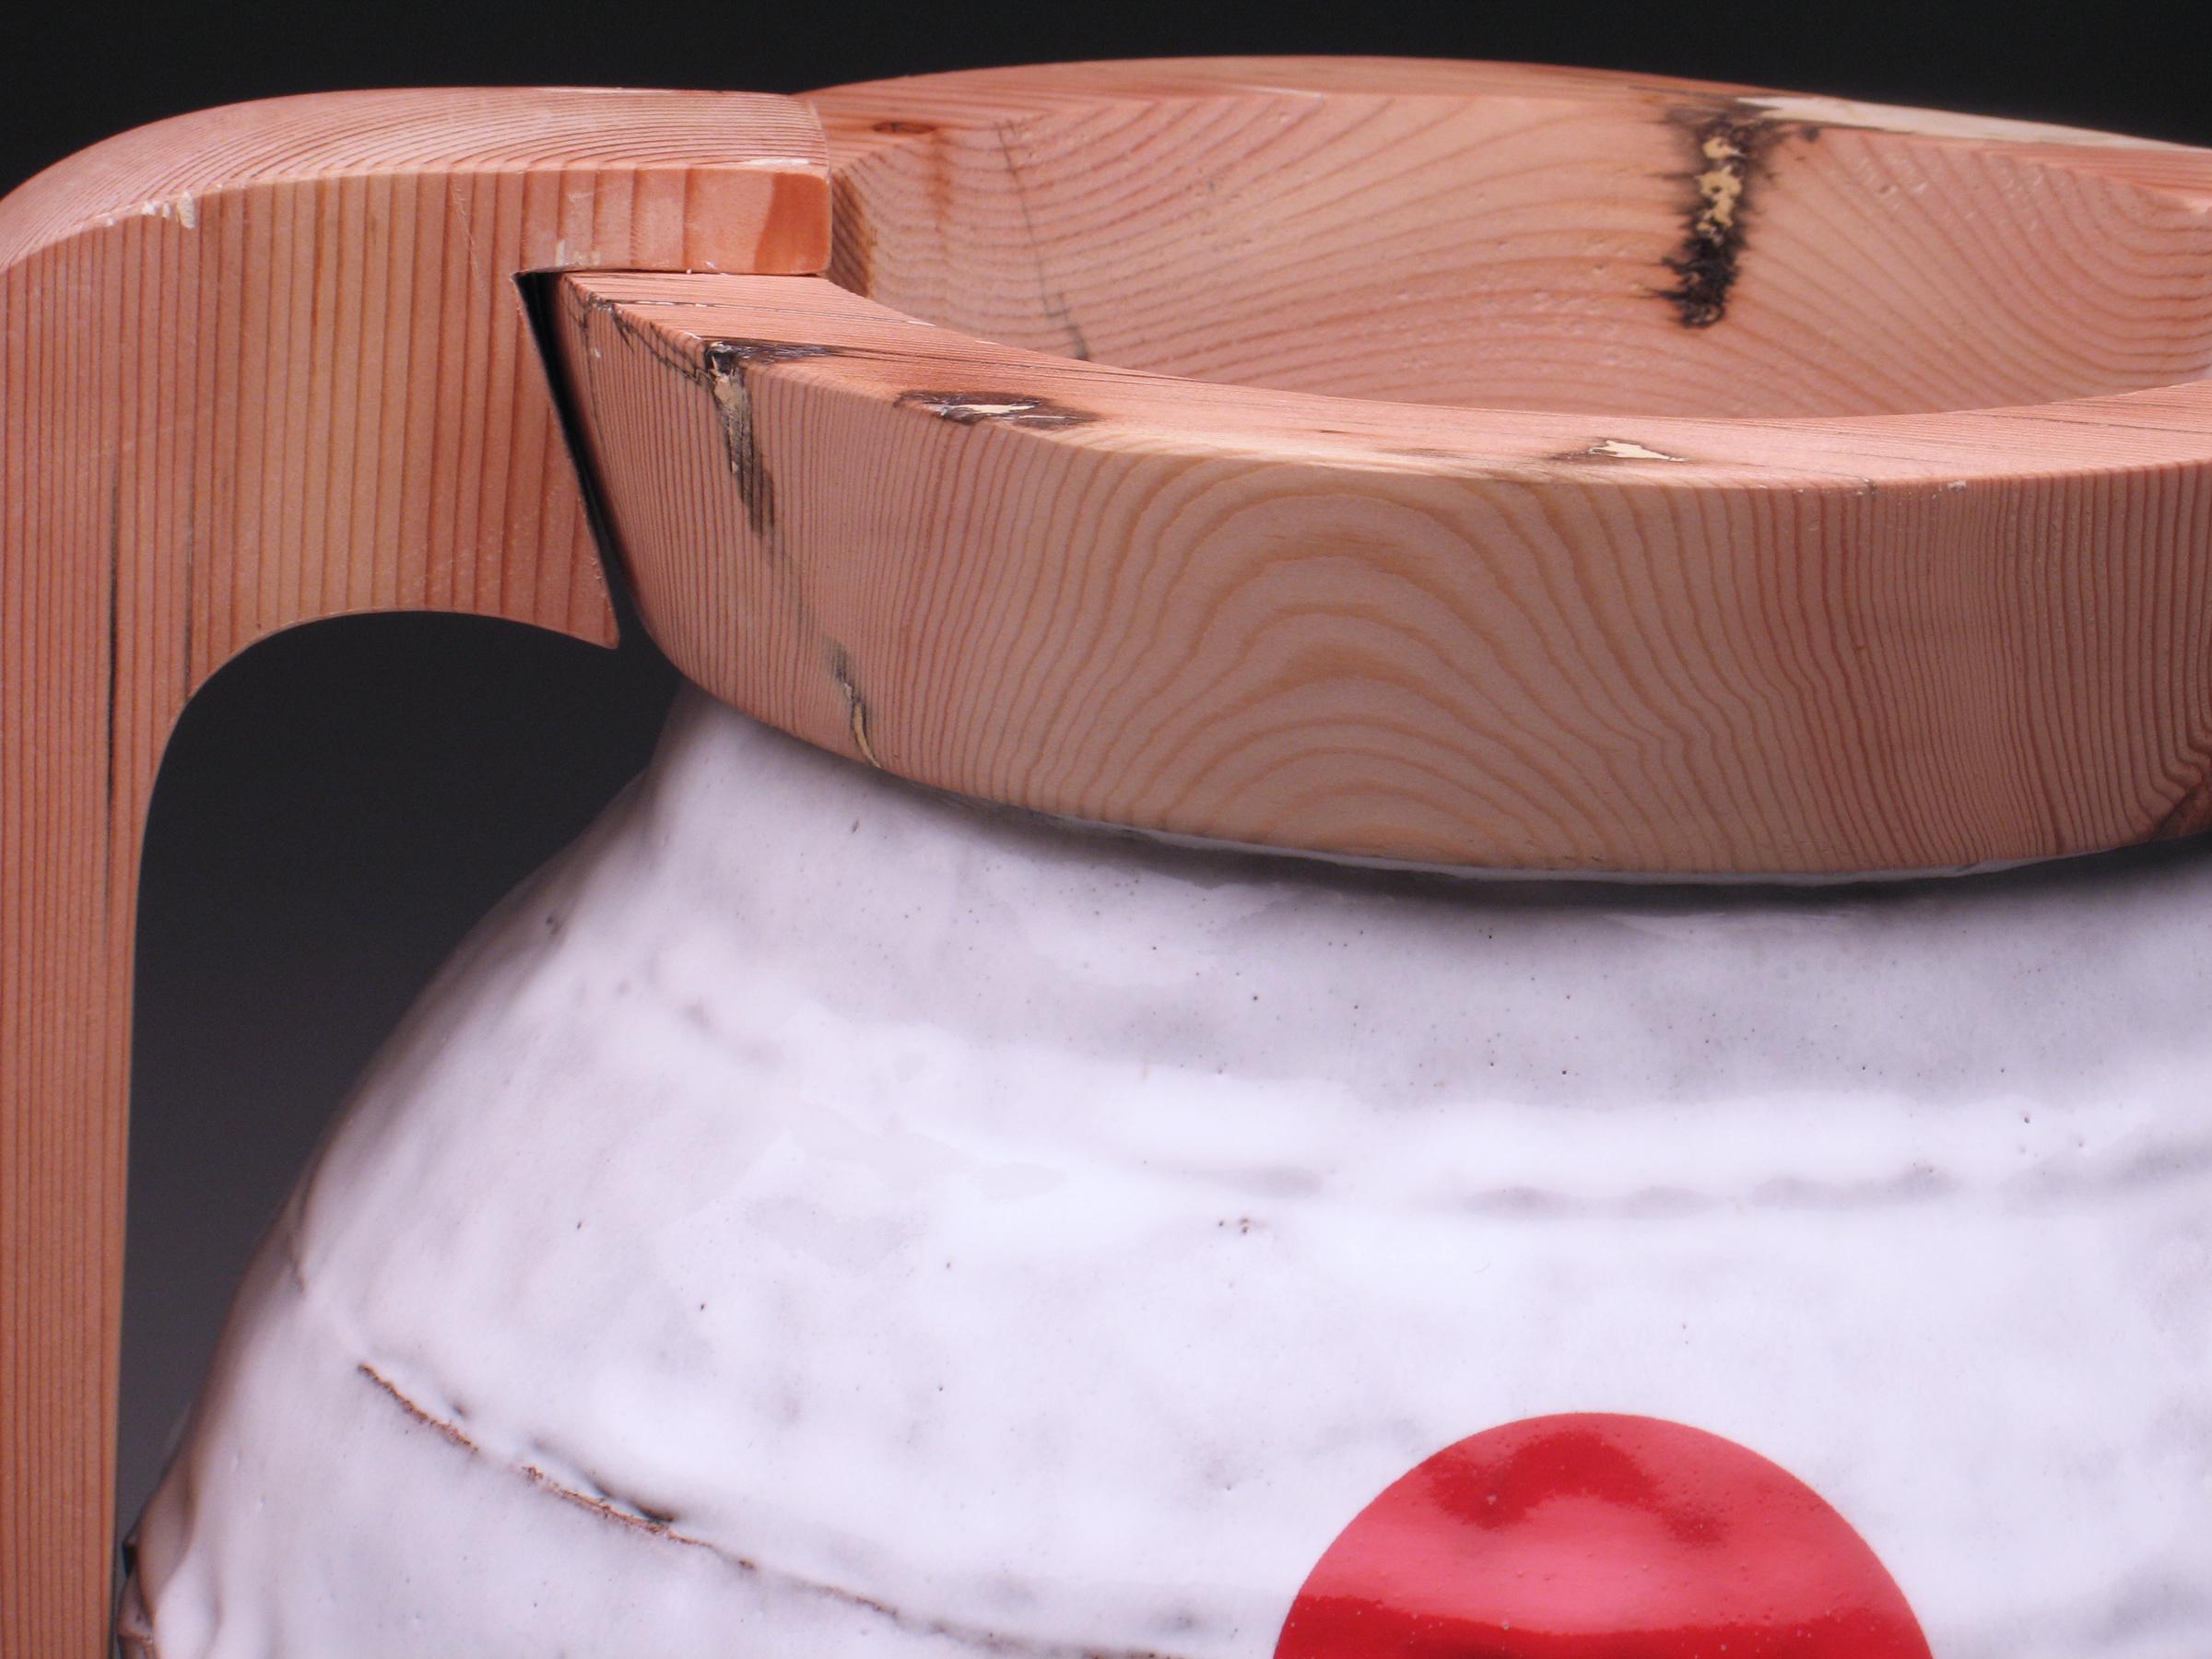 wood storage pitcher detail#2.jpg